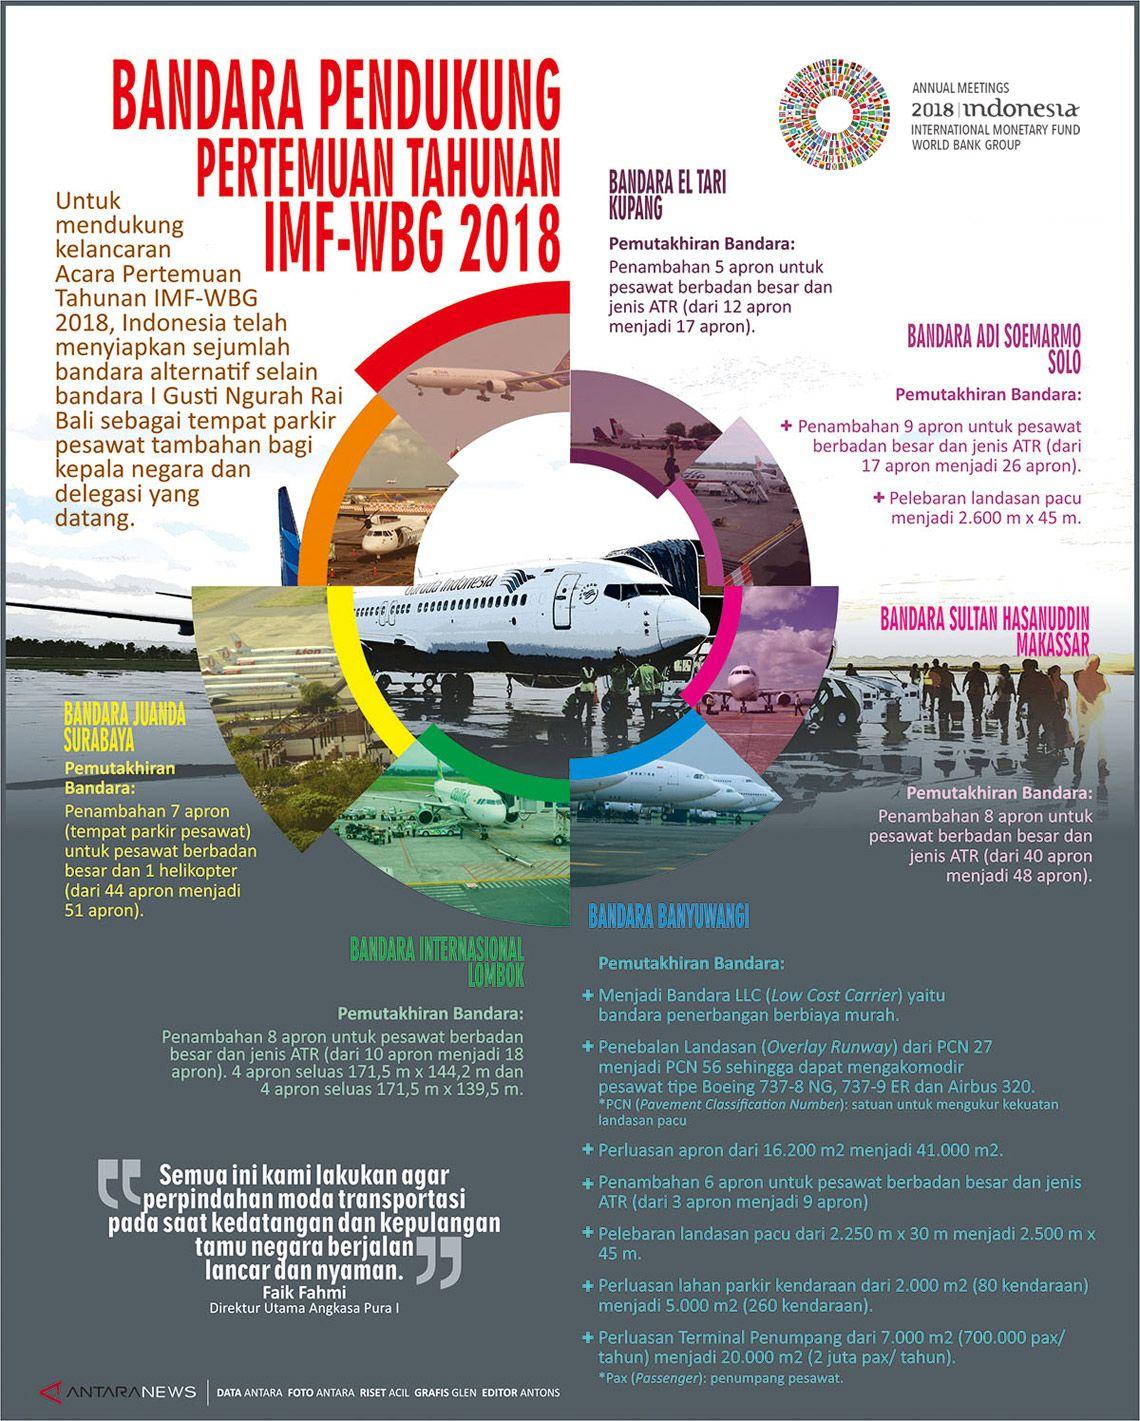 Bandara pendukung Pertemuan Tahunan IMF-WB